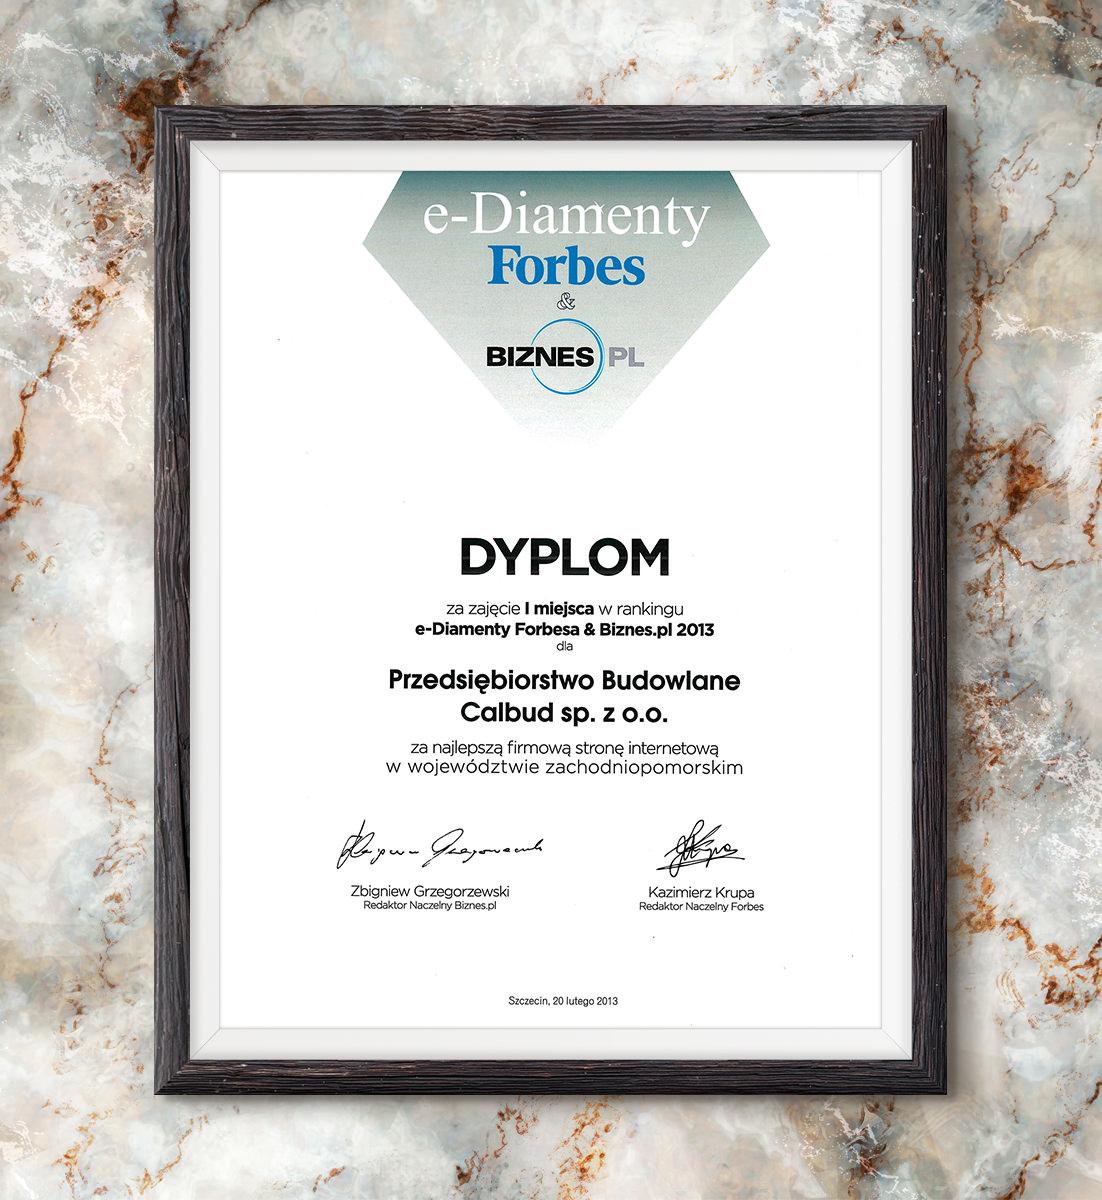 e-Diamenty Forbesa & Biznes.pl 2013 - najlepsza strona internetowa